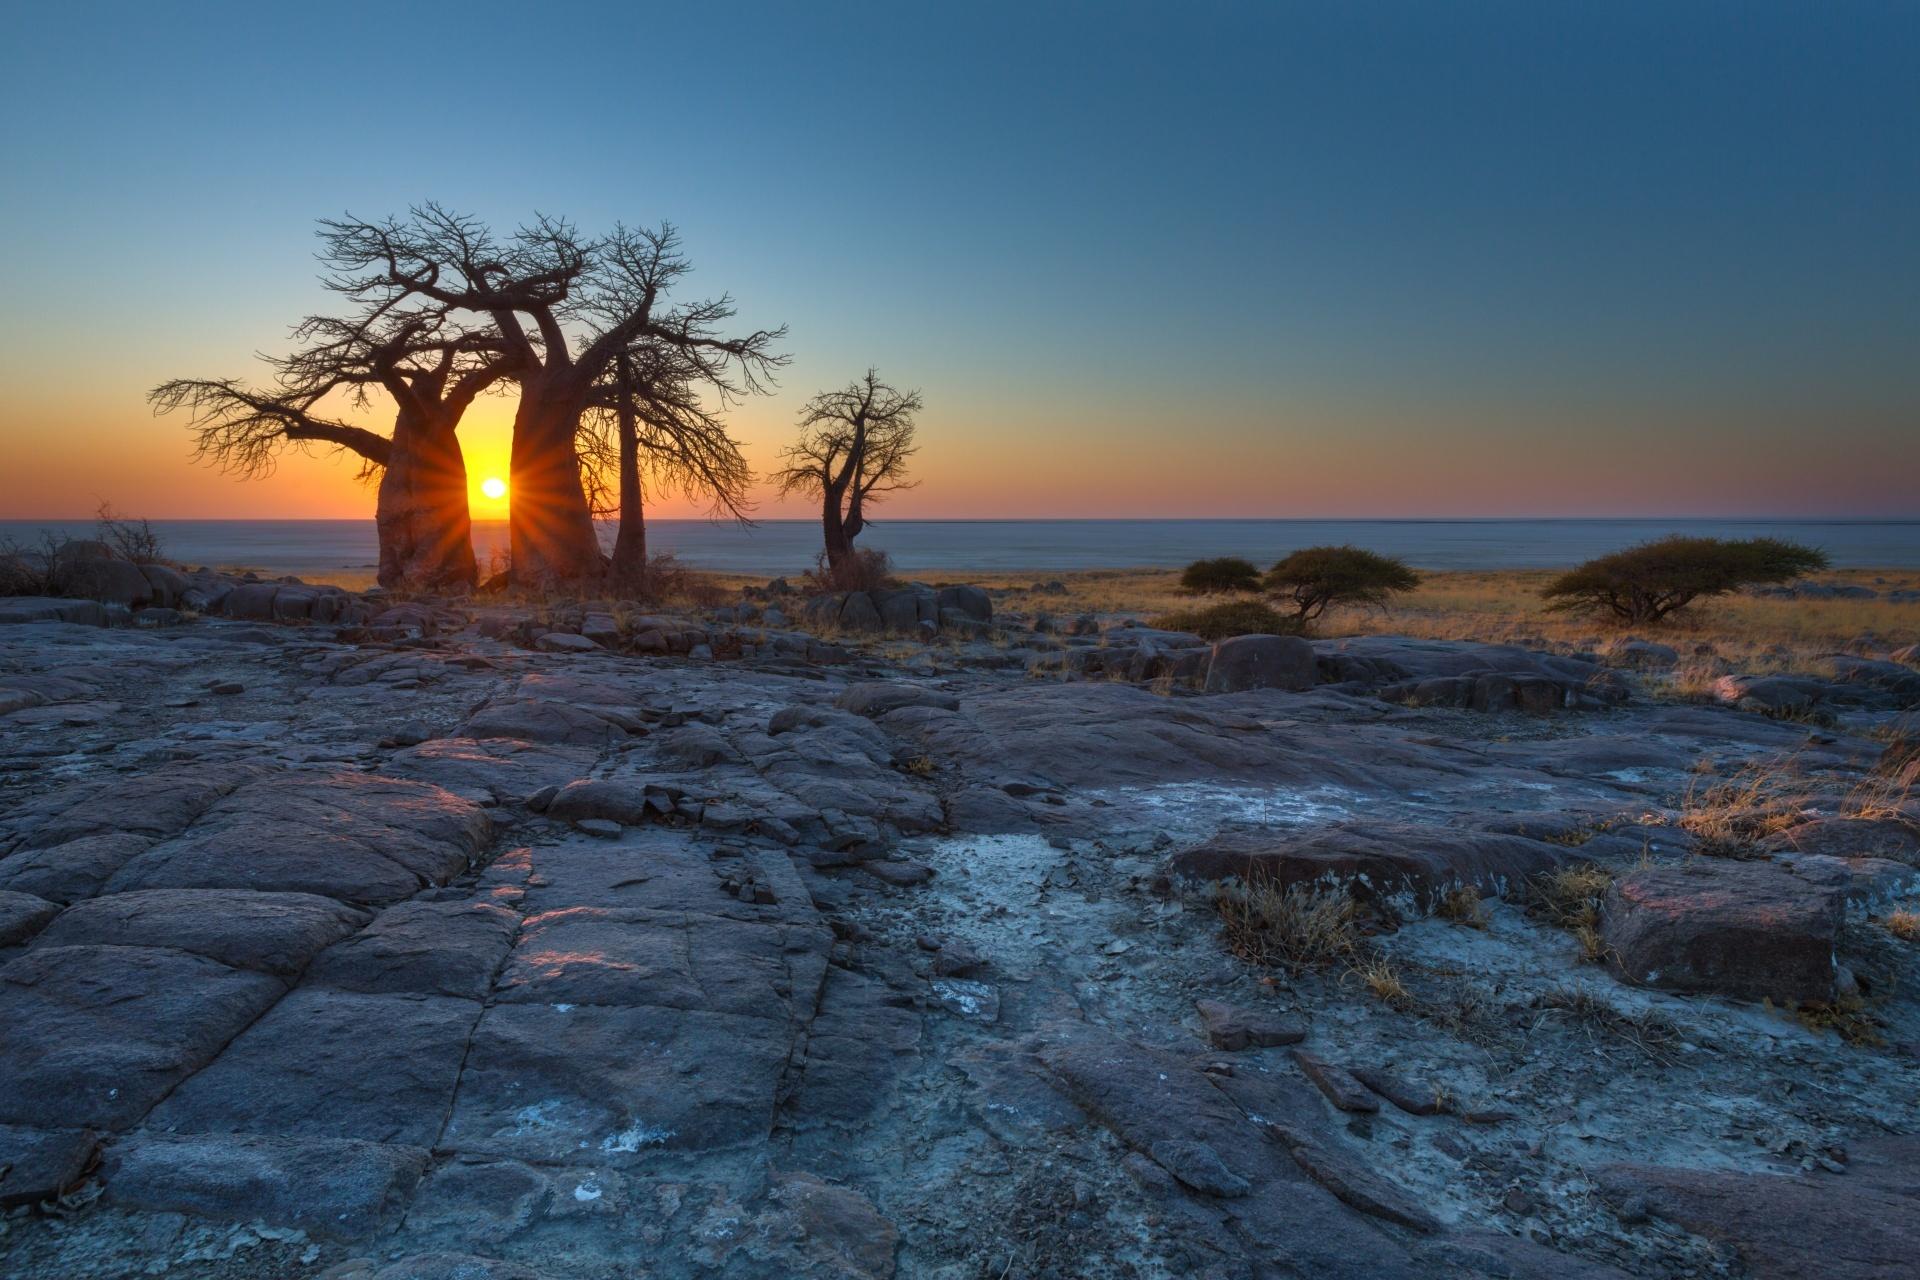 バオバブの木と朝日 マカディカディ ボツワナの風景